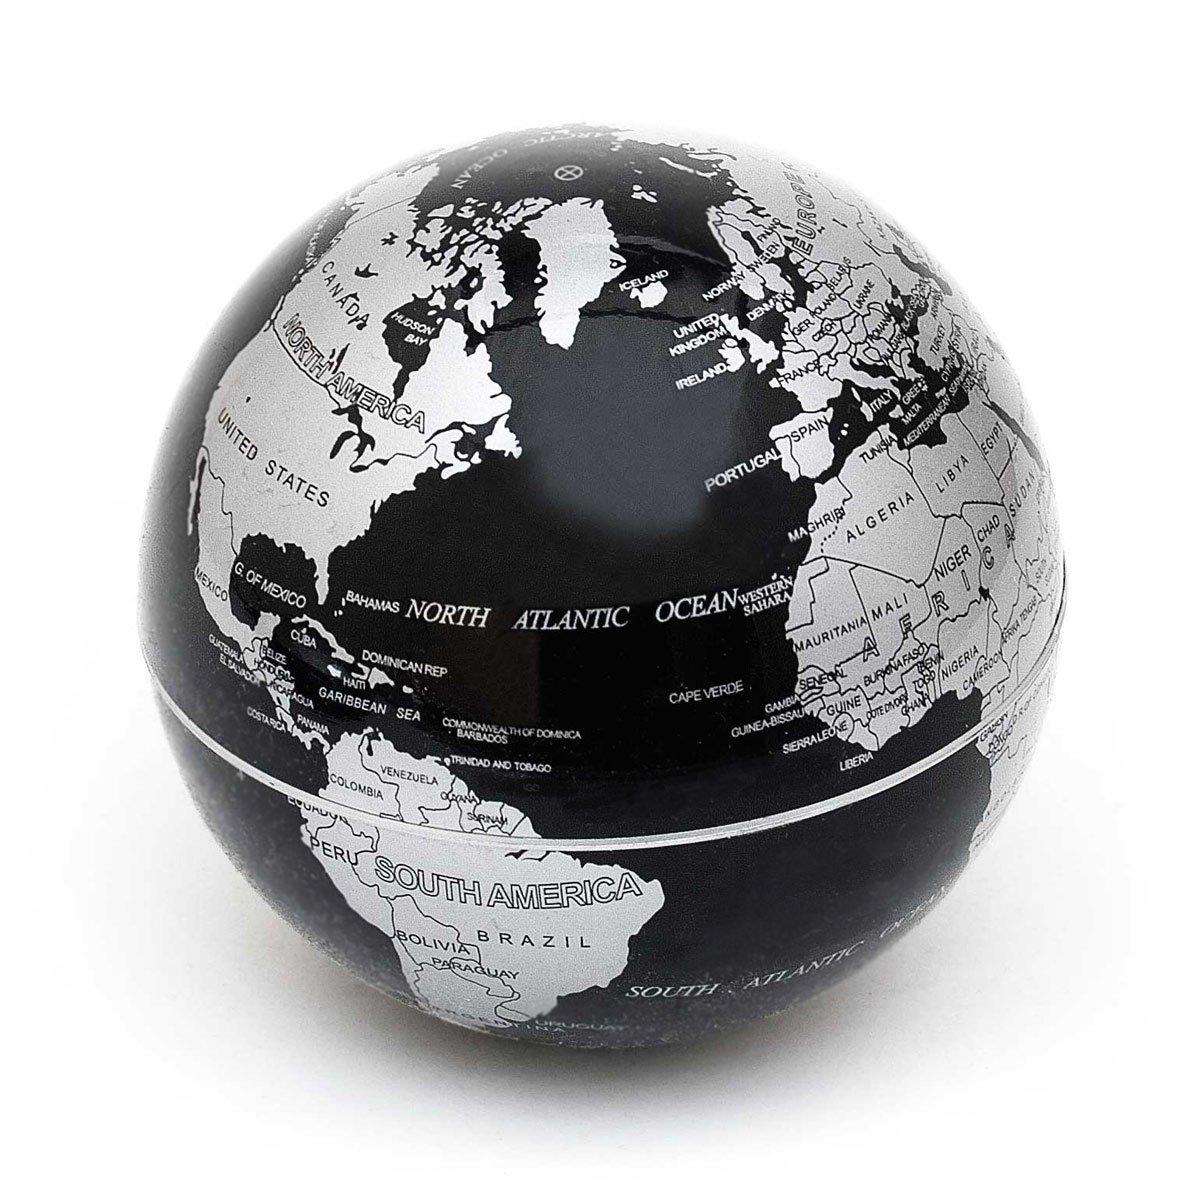 Globe magnétique globe magnétique flottant magiquement bille design anti-gravité Terra Globe Globe globes métalliques ; flottant magnétiquement Goods /& Gadgets